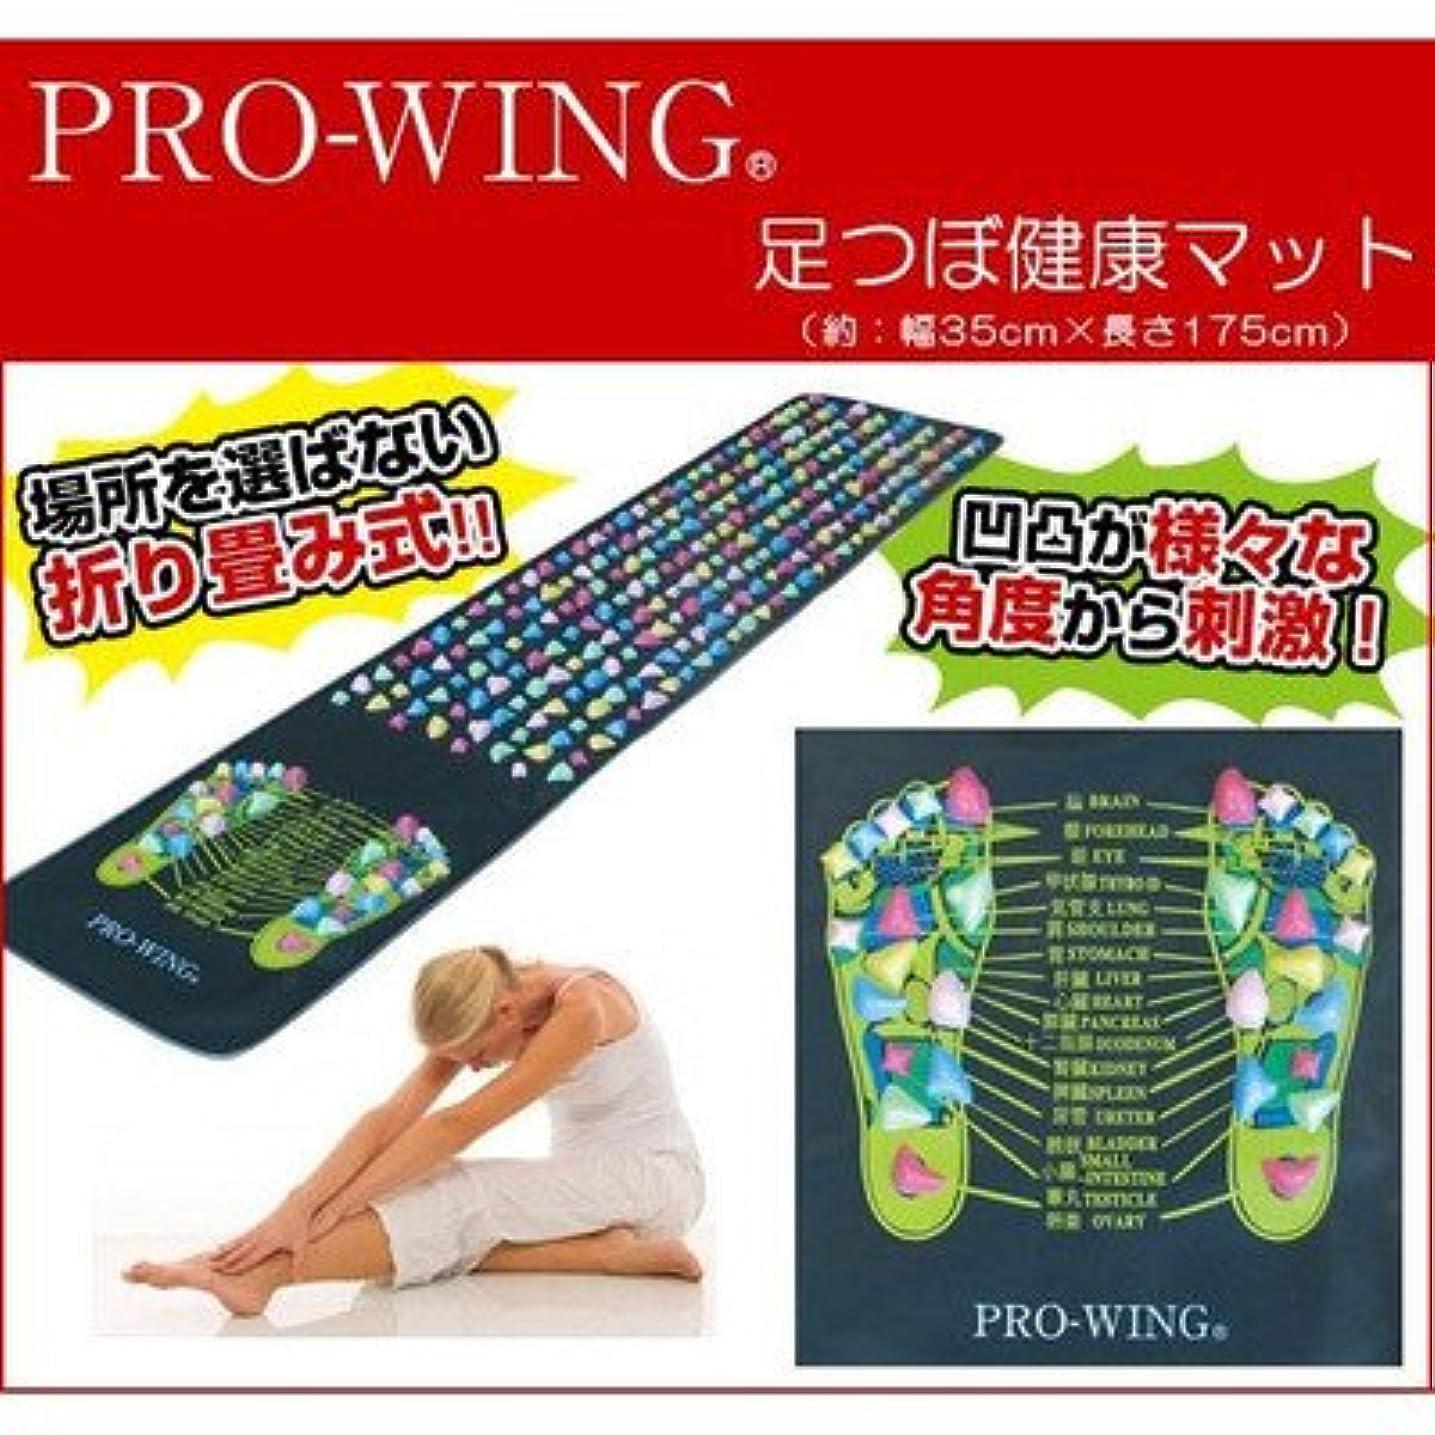 モナリザ冷蔵庫コーンウォールカラフルで可愛らしい凹凸が様々な角度から刺激 PRO-WING プロウィング 足つぼ健康マット PWF-1001